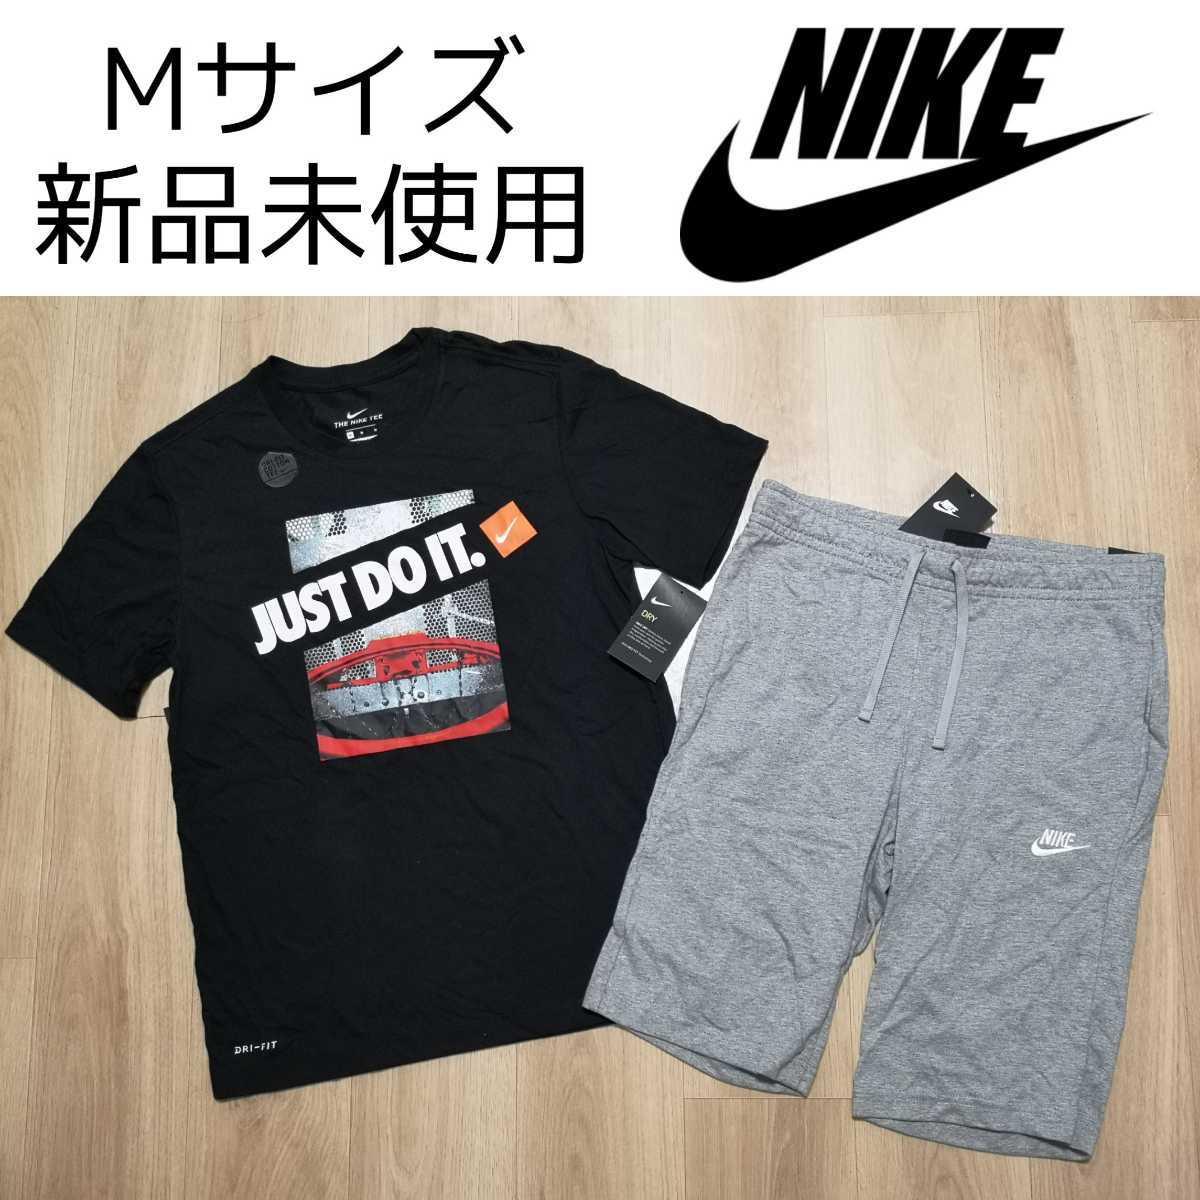 Mサイズ NIKE Tシャツ ハーフパンツ 上下セットアップ 新品未使用 ナイキ JUST DO IT 黒ブラック グレー ショートパンツ DRY 半袖 ショーツ_画像1